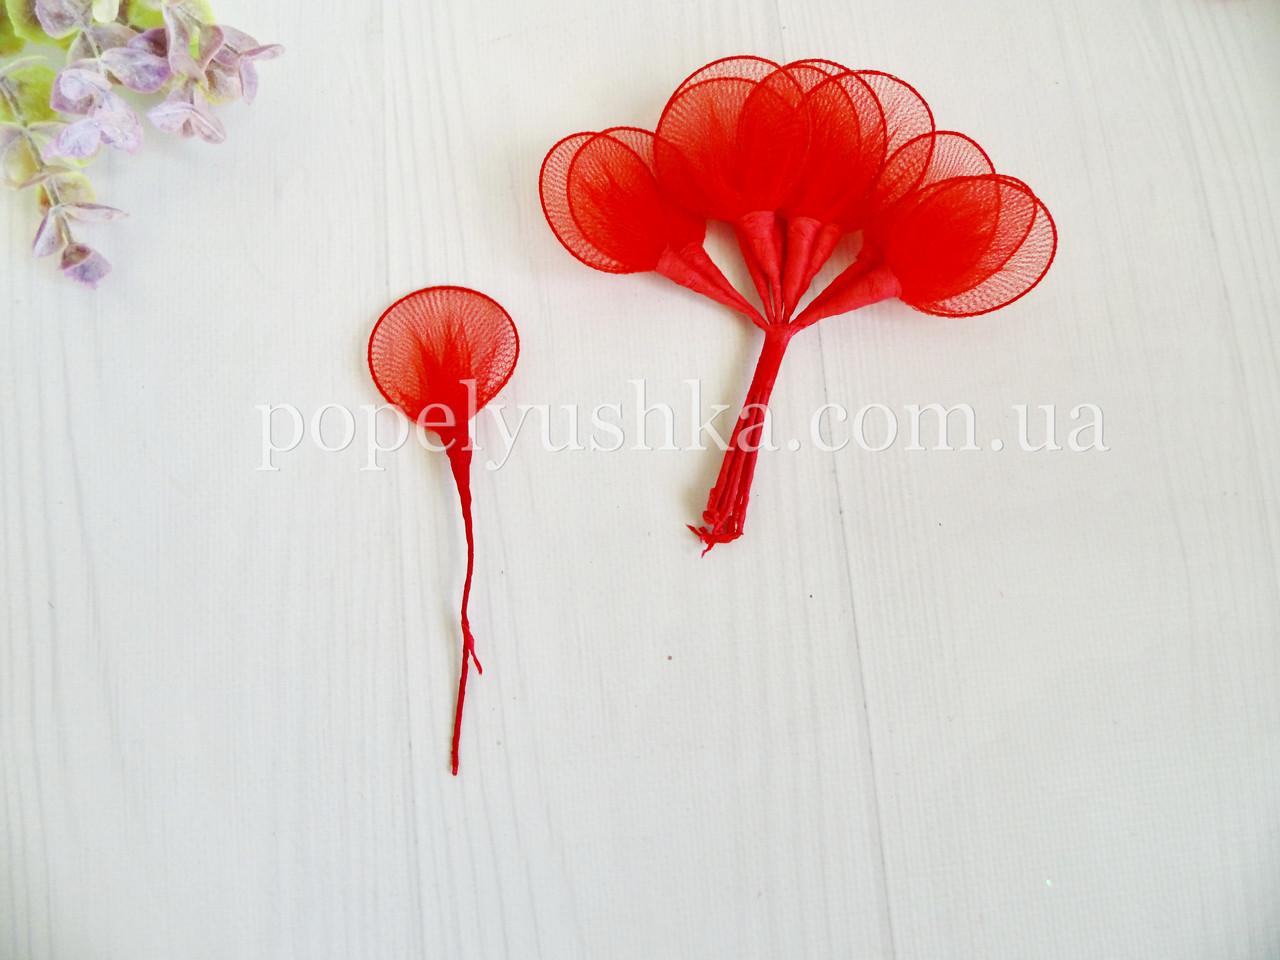 Пелюстка декоративна червона 4 см